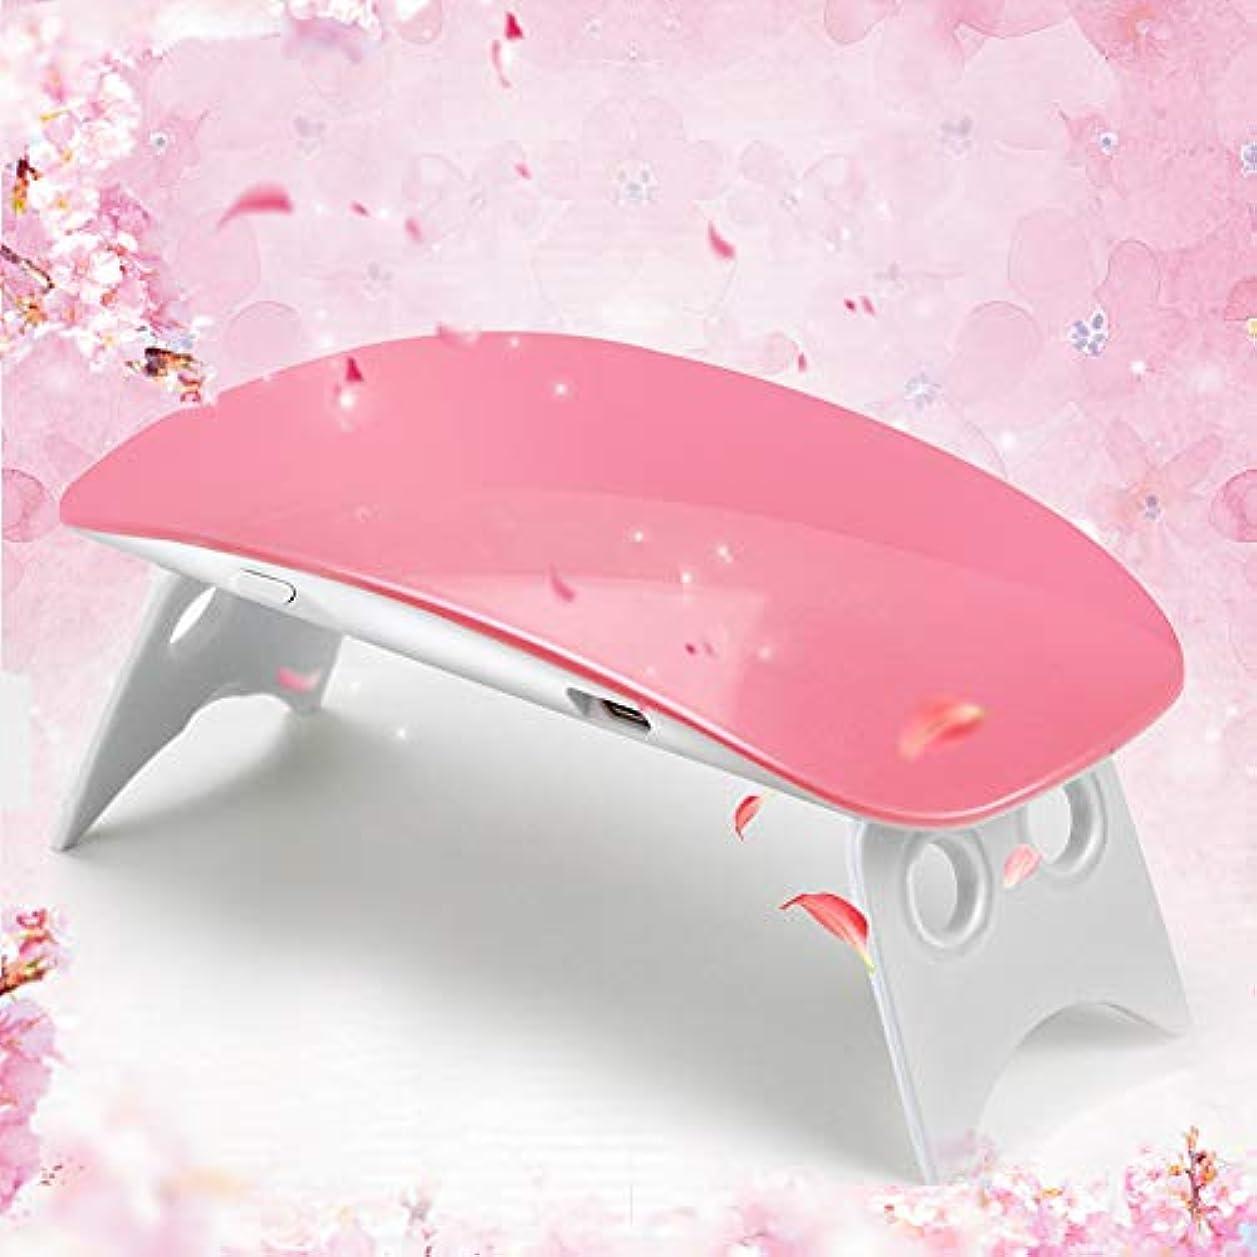 予測するパターン甲虫Twinkle Store 6W ピンク ネイルドライヤー ネイルアートツール ネイルライト ネイルデザイン 硬化用ライト